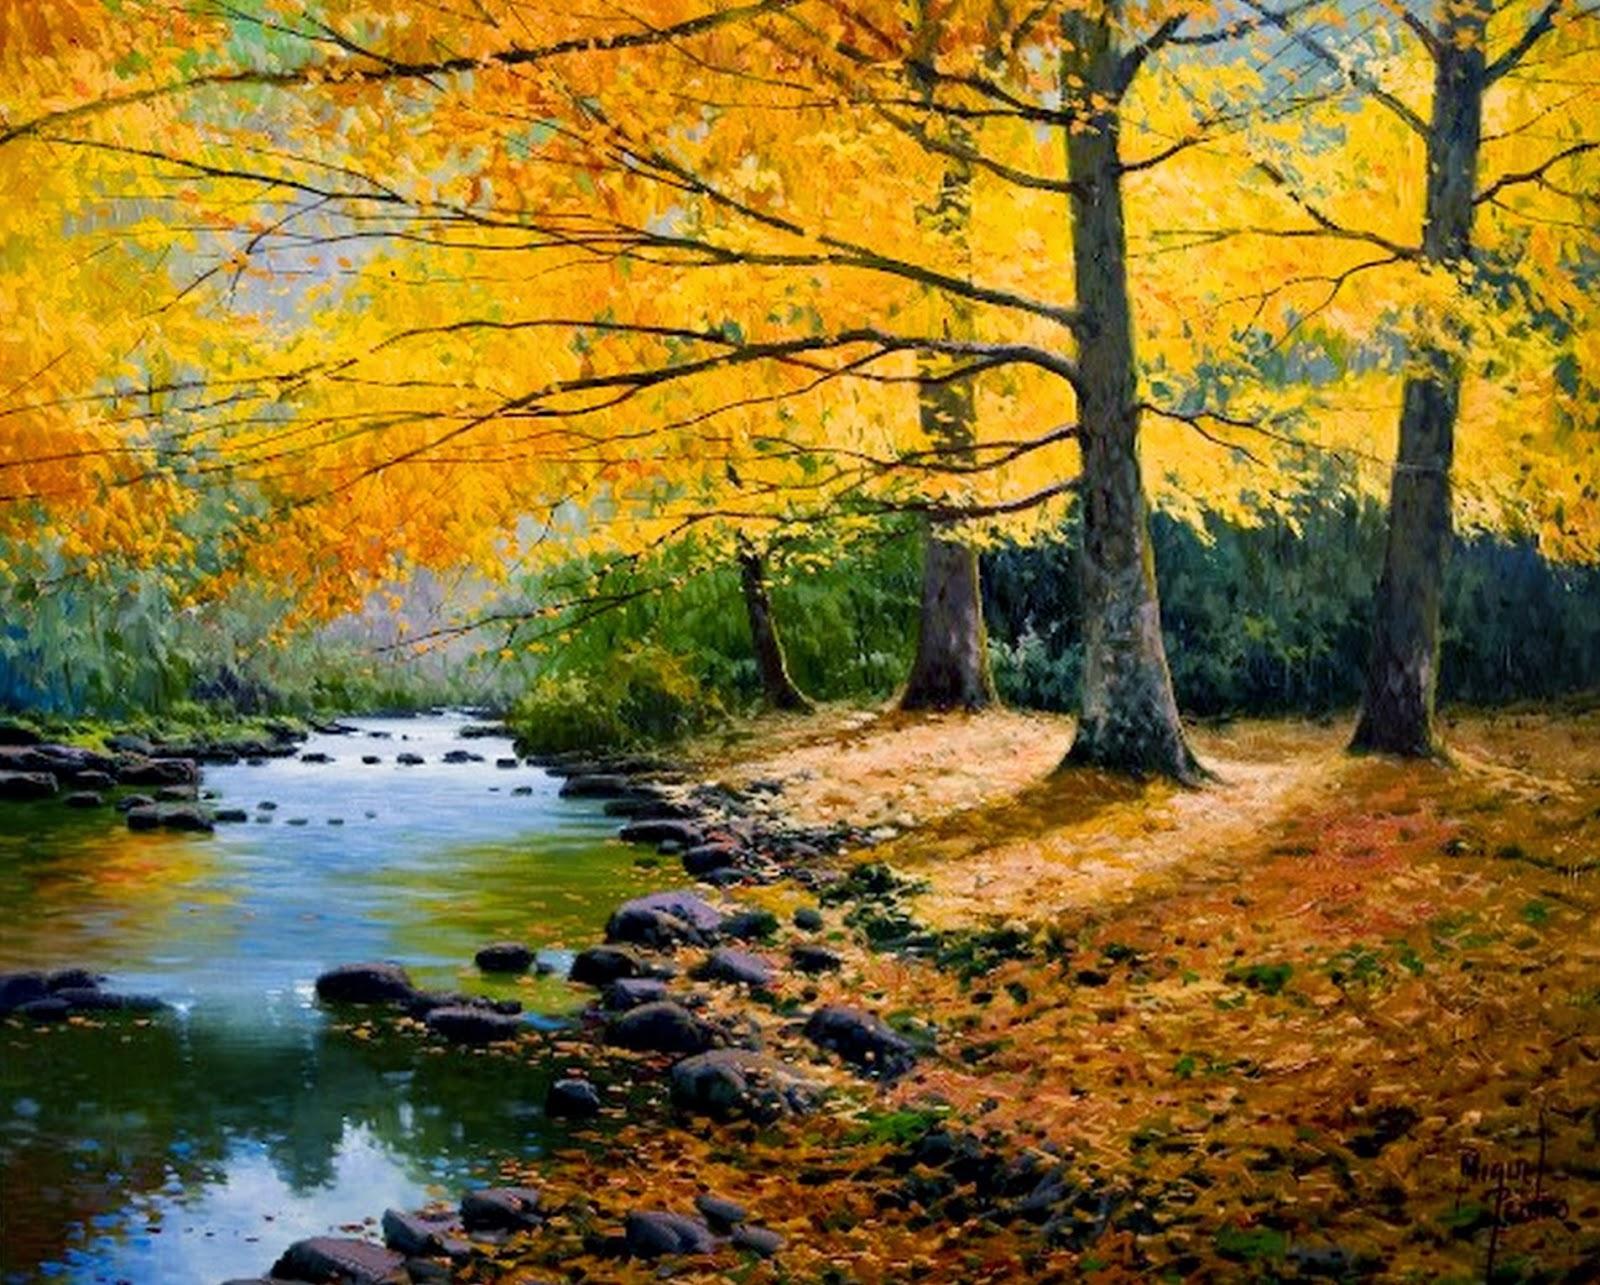 Im genes arte pinturas cuadros de paisajes naturales - Los cuadros mas bonitos ...